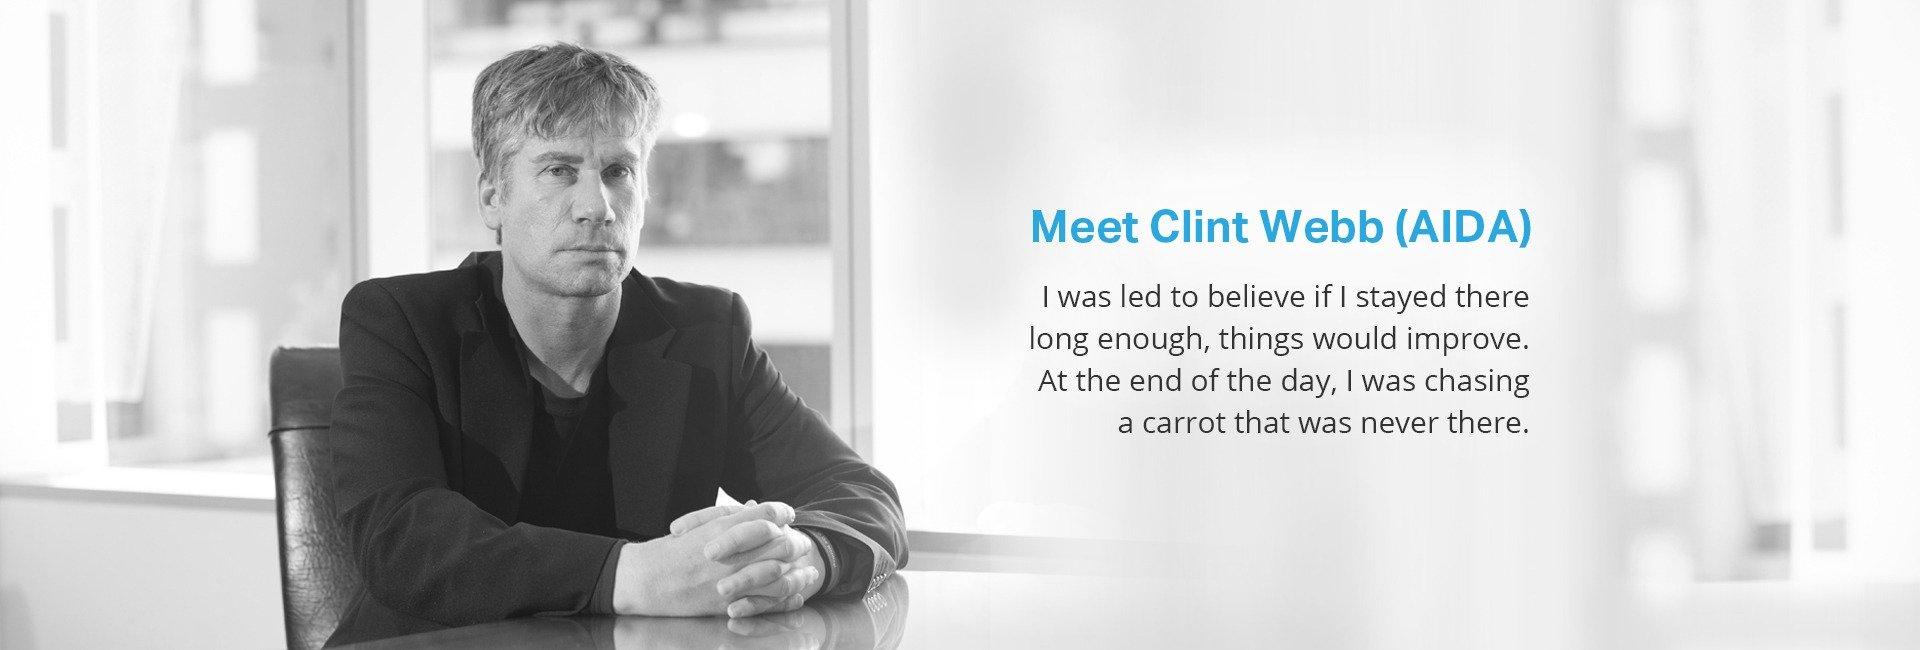 Clint Webb